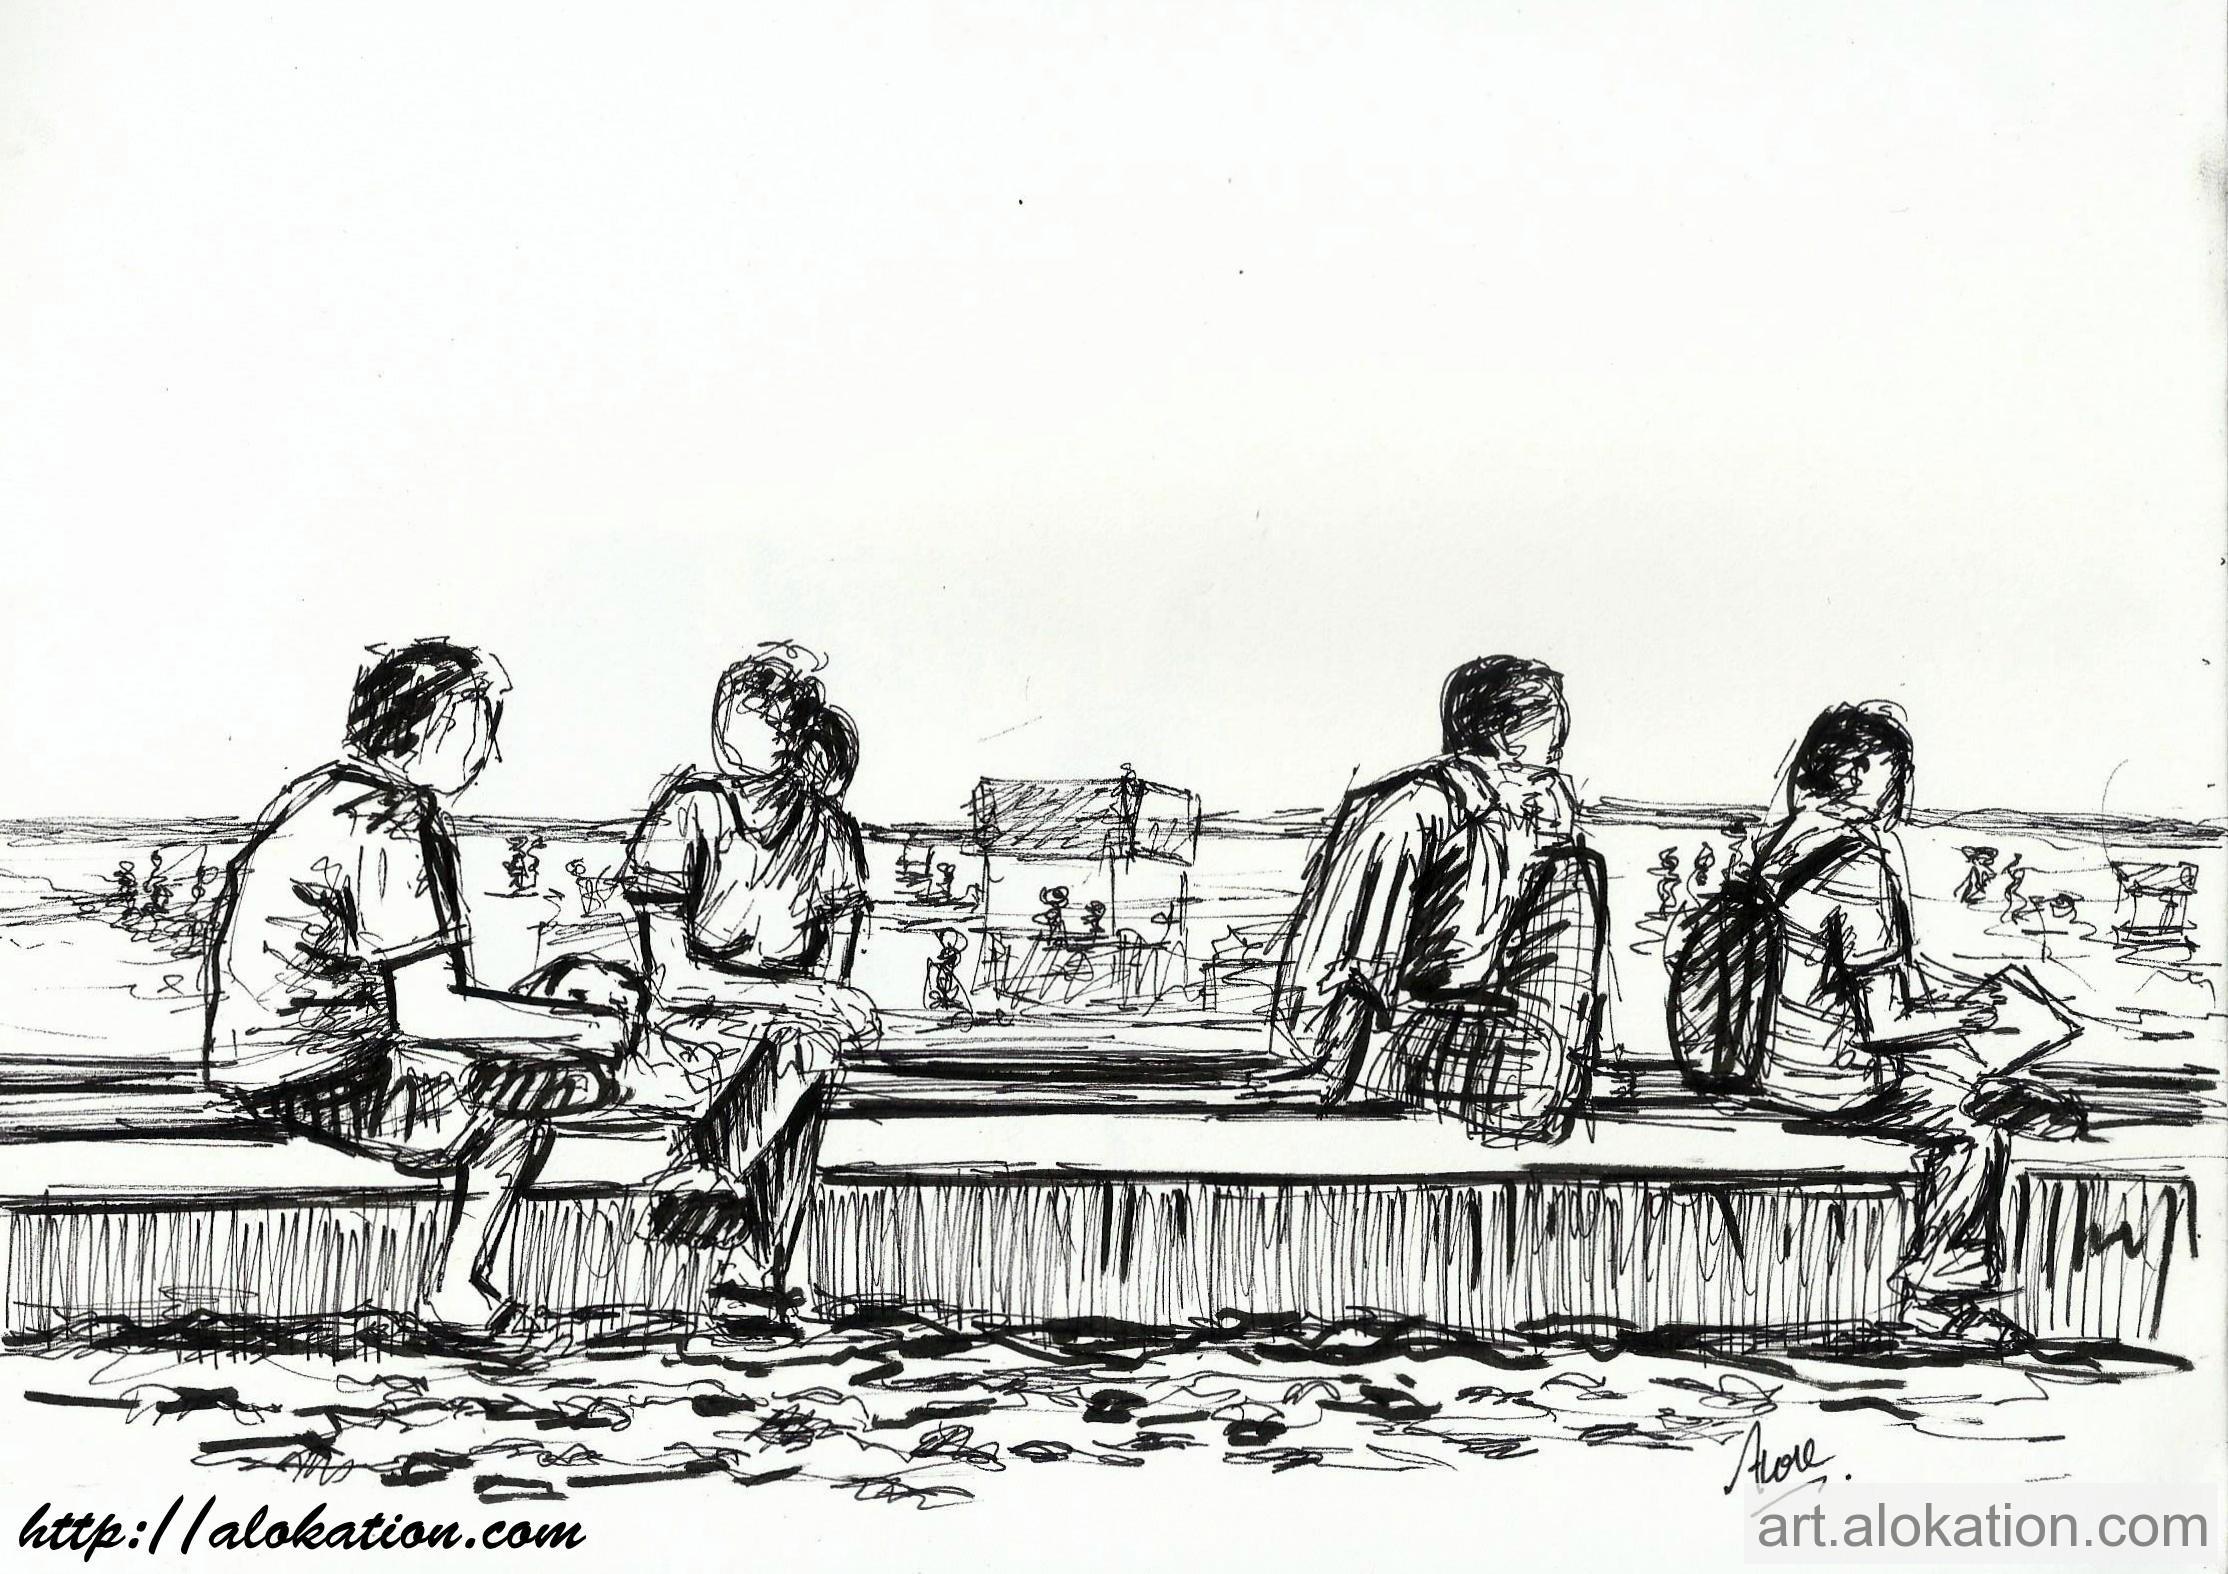 alokation-sketch-06041404